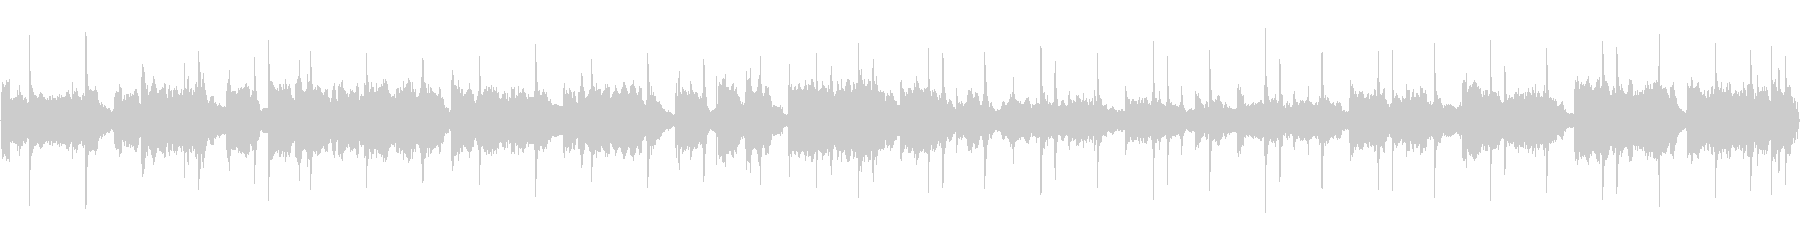 【30秒サビループ】ケルト風ウクレレ曲の未再生の波形